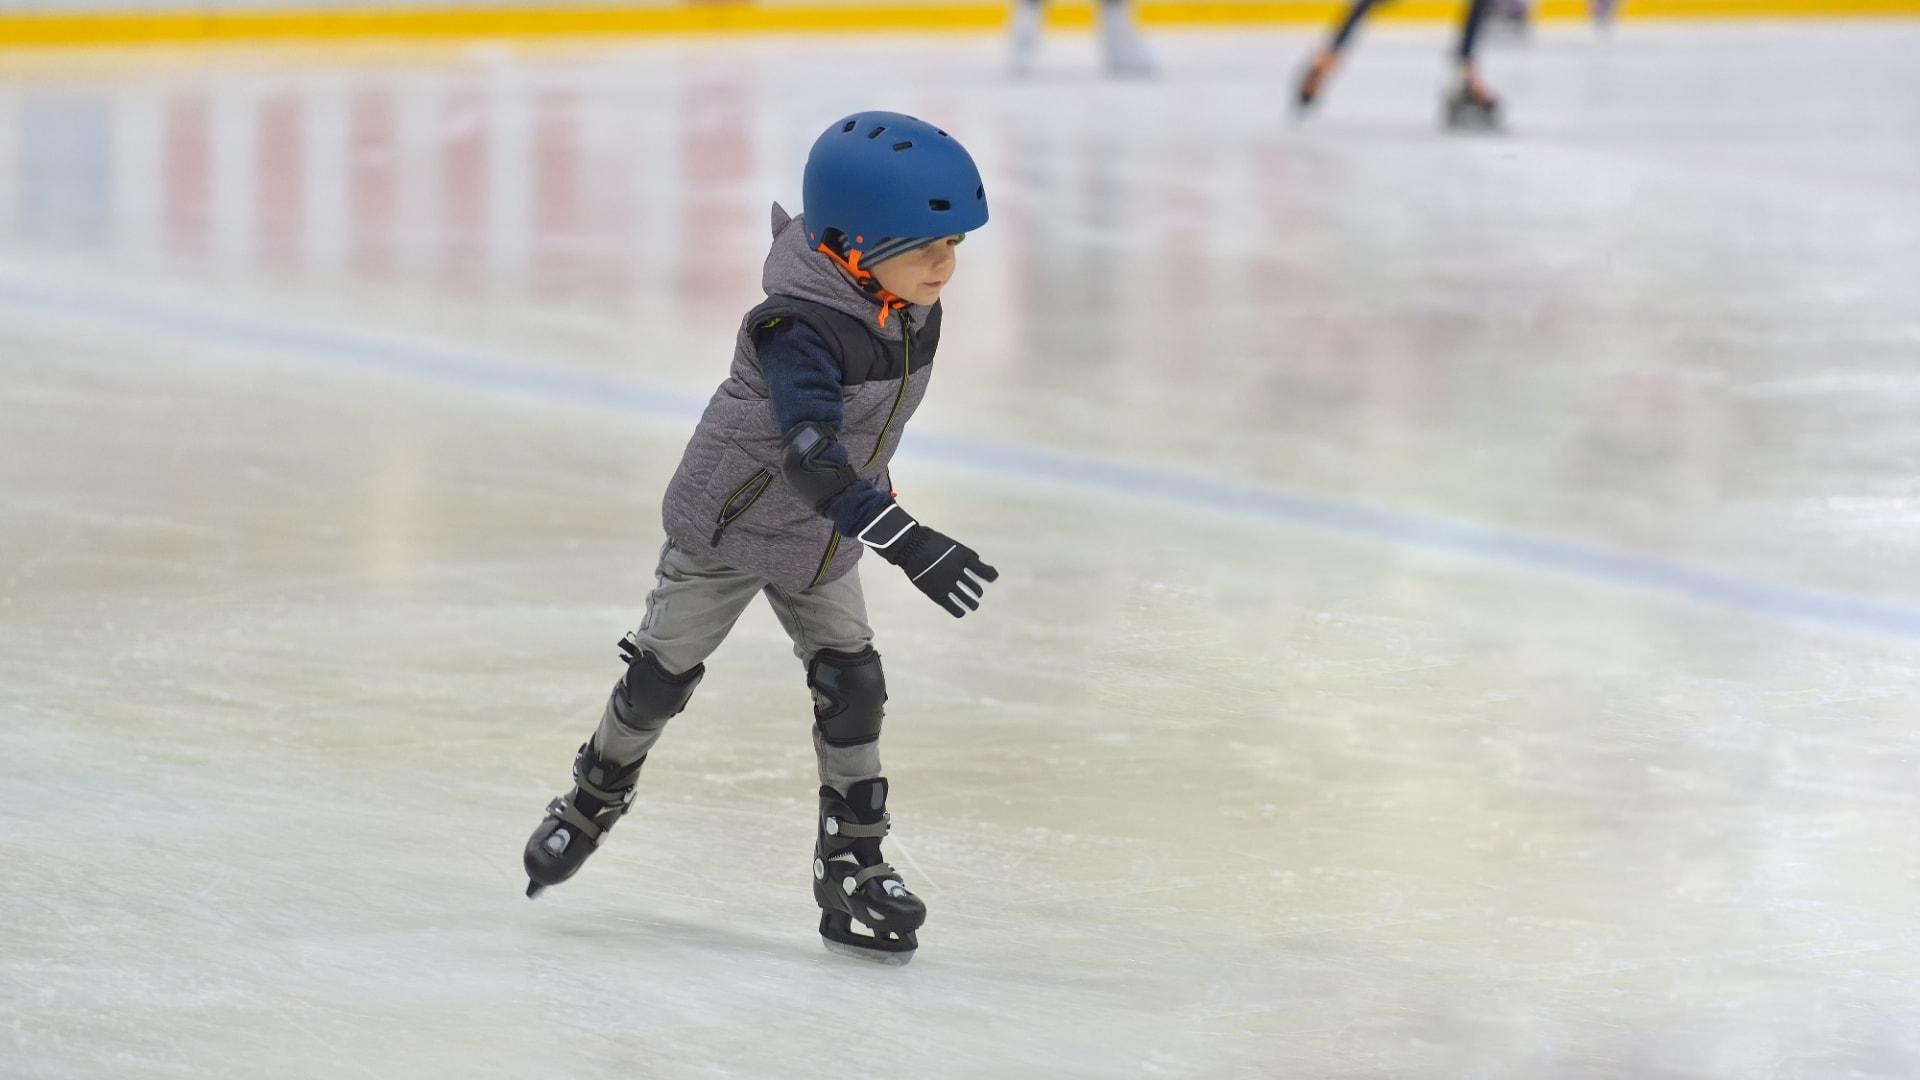 jeune garçon qui patine